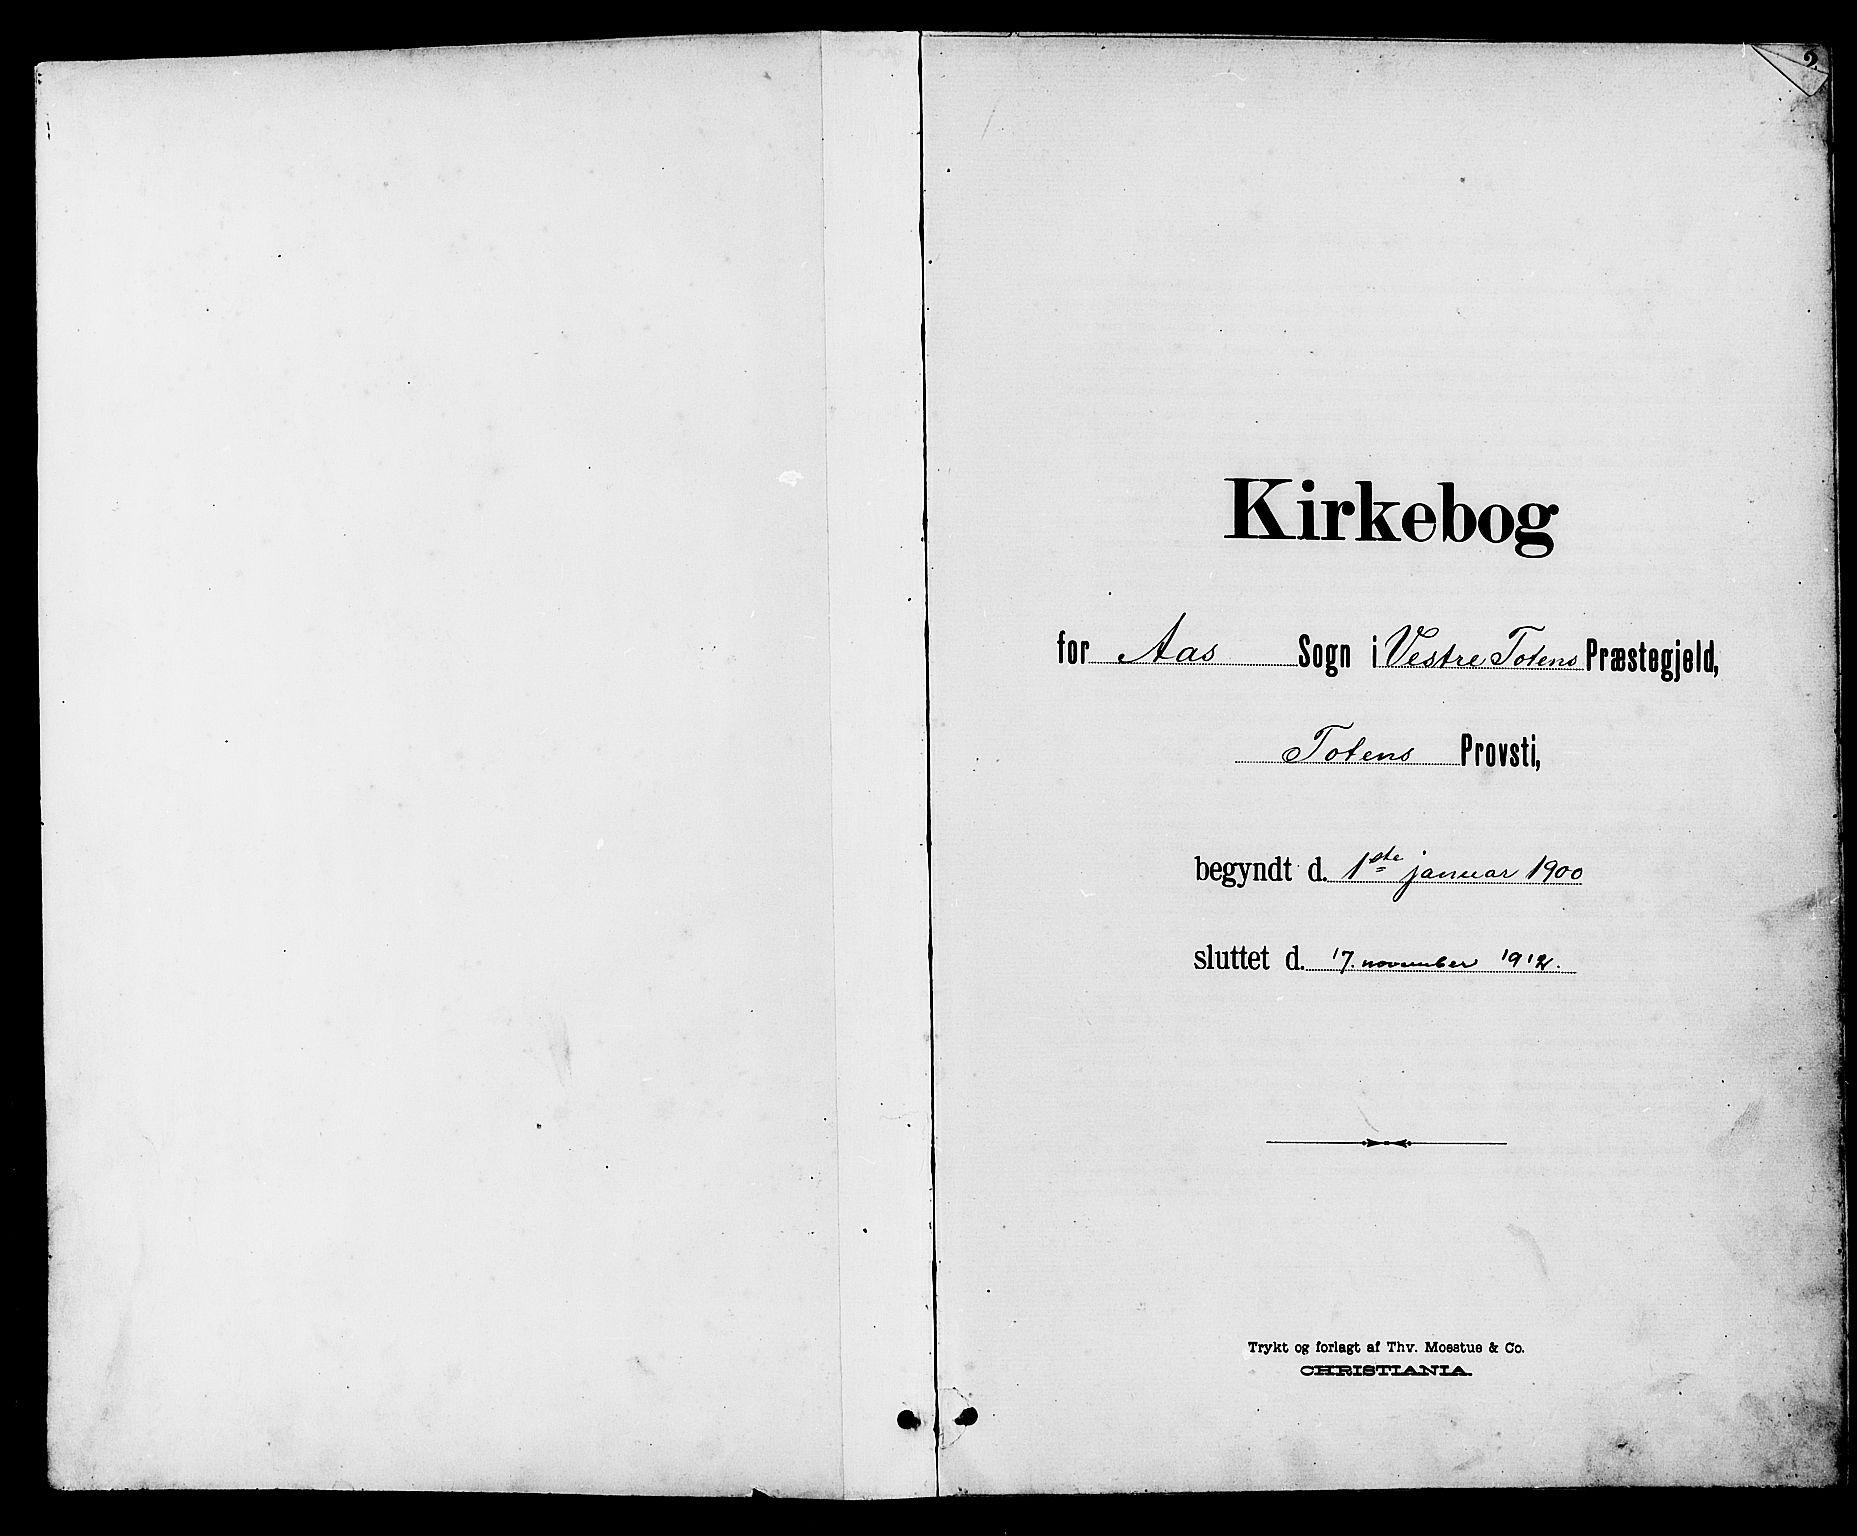 SAH, Vestre Toten prestekontor, H/Ha/Hab/L0010: Klokkerbok nr. 10, 1900-1912, s. 1